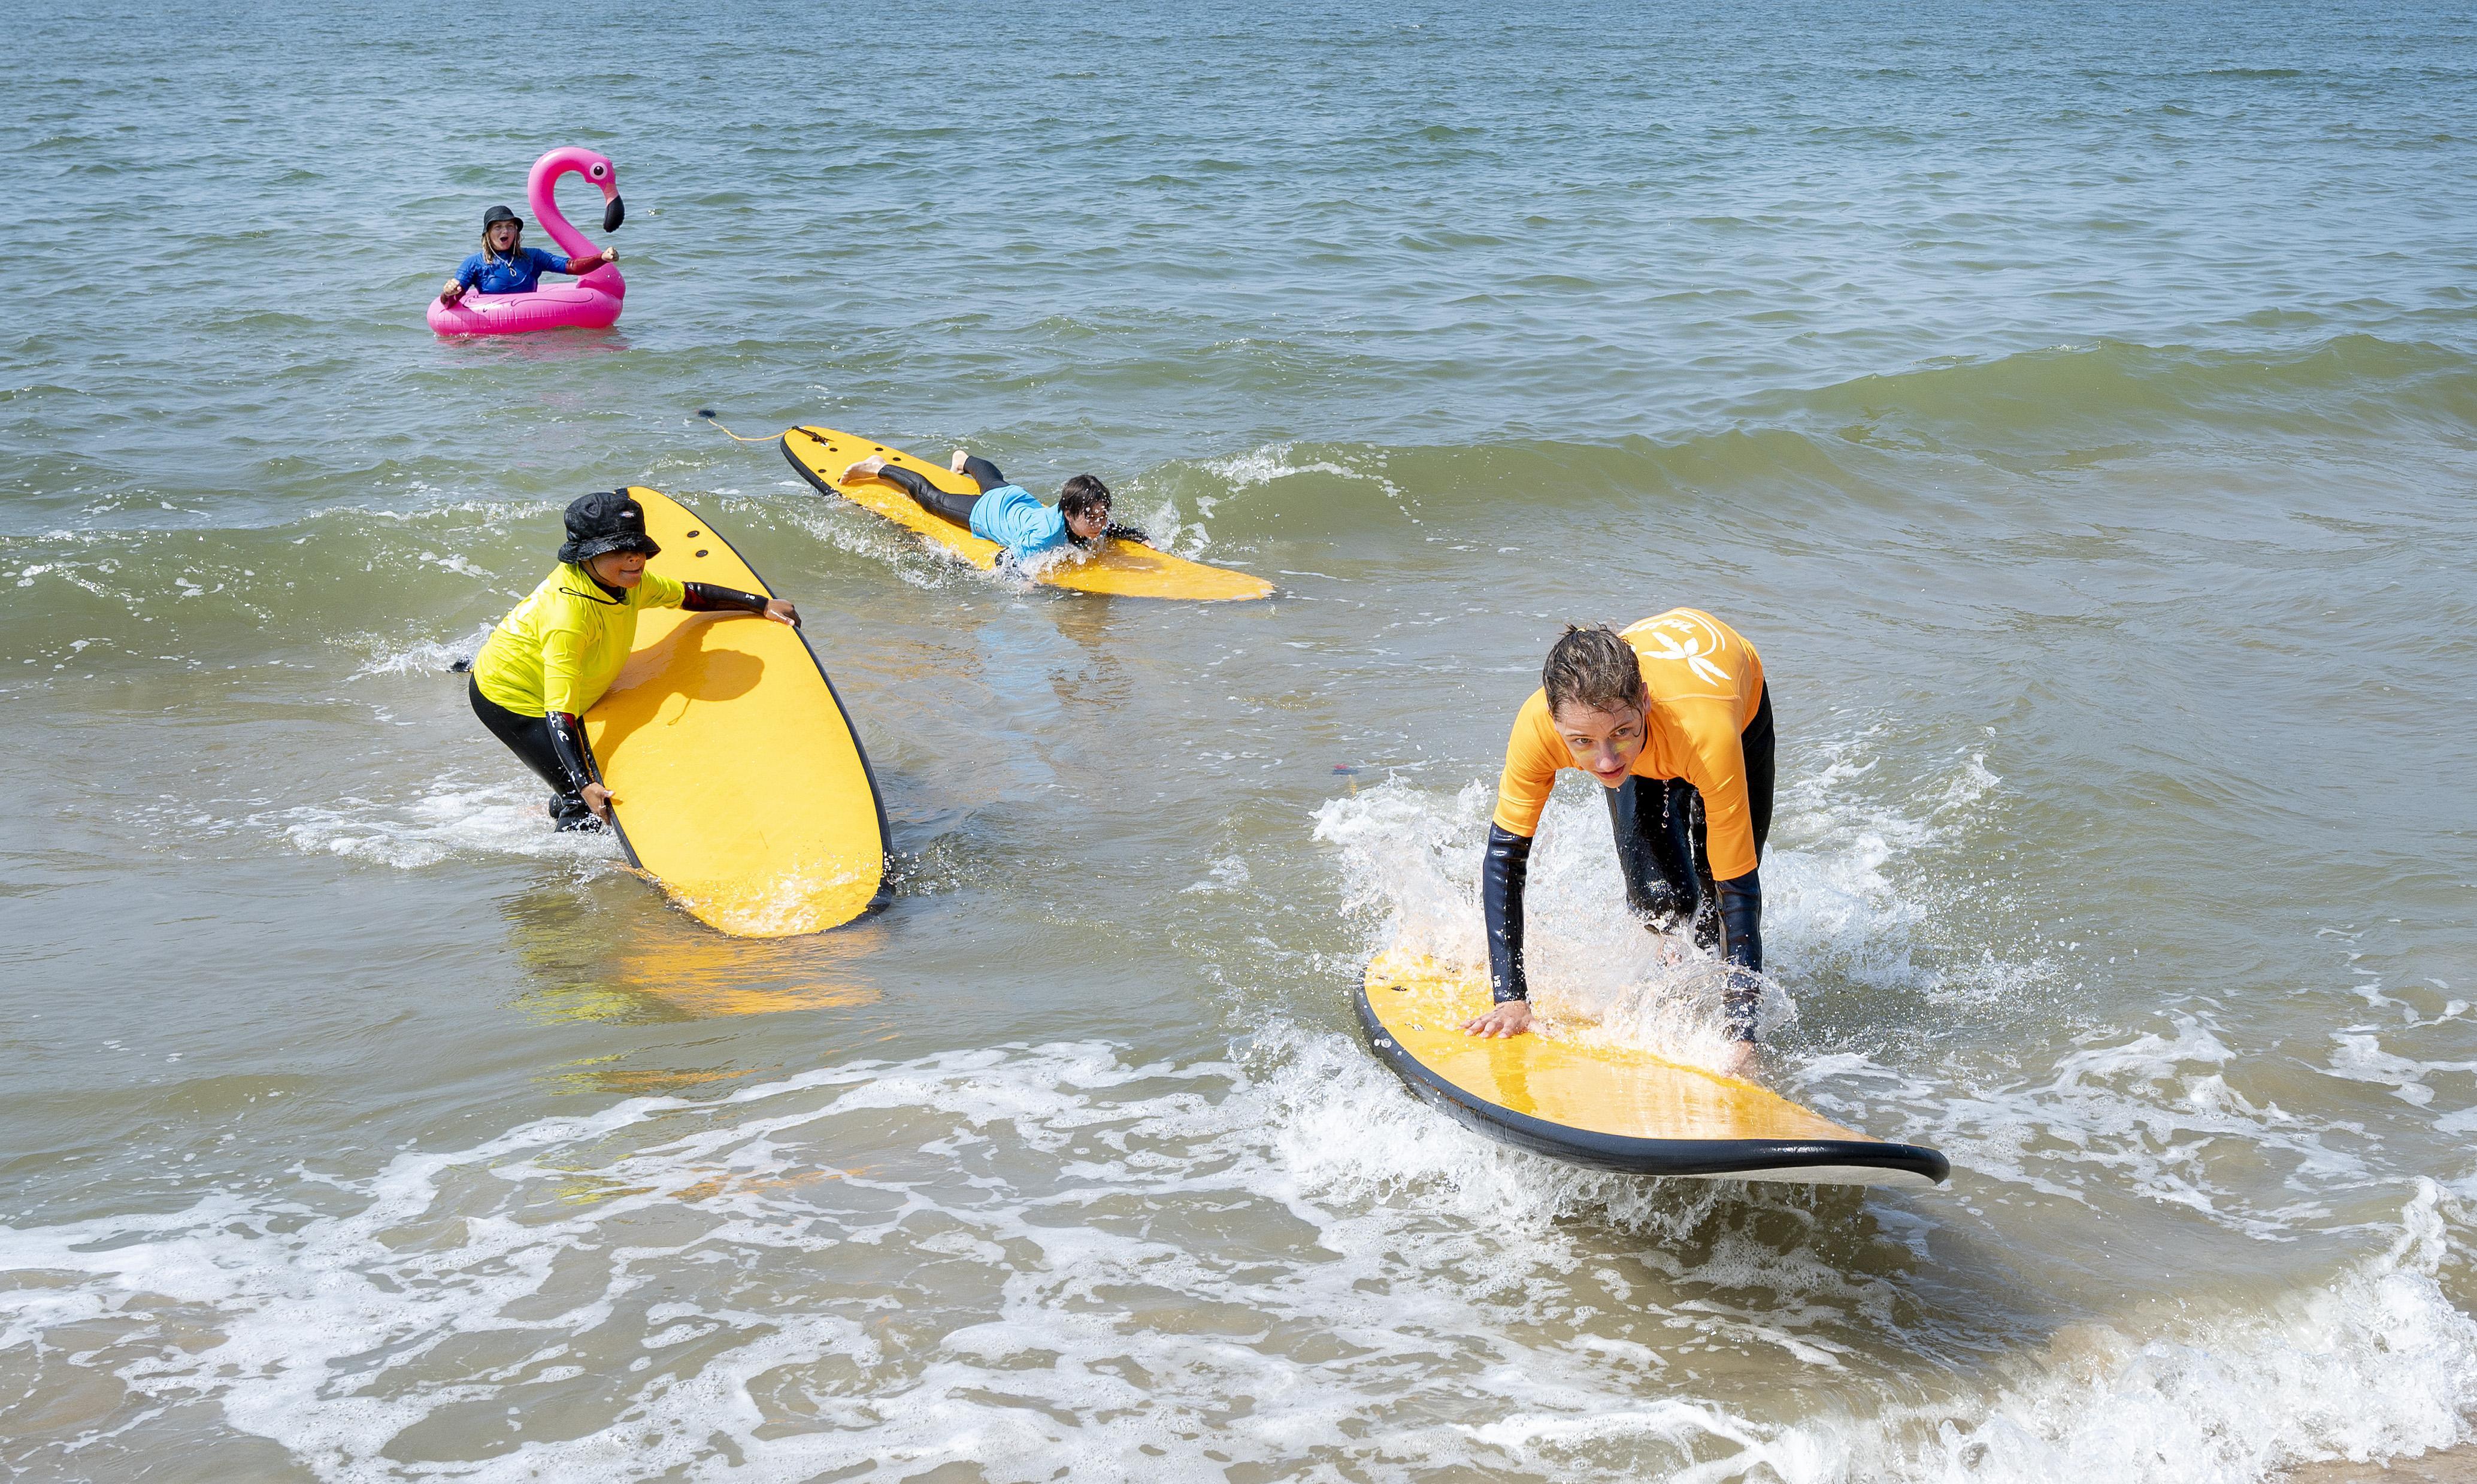 Van de camping naar het Kidscamp op het Bloemendaalse strand: 'De ouders zie je alleen in het begin van de dag'